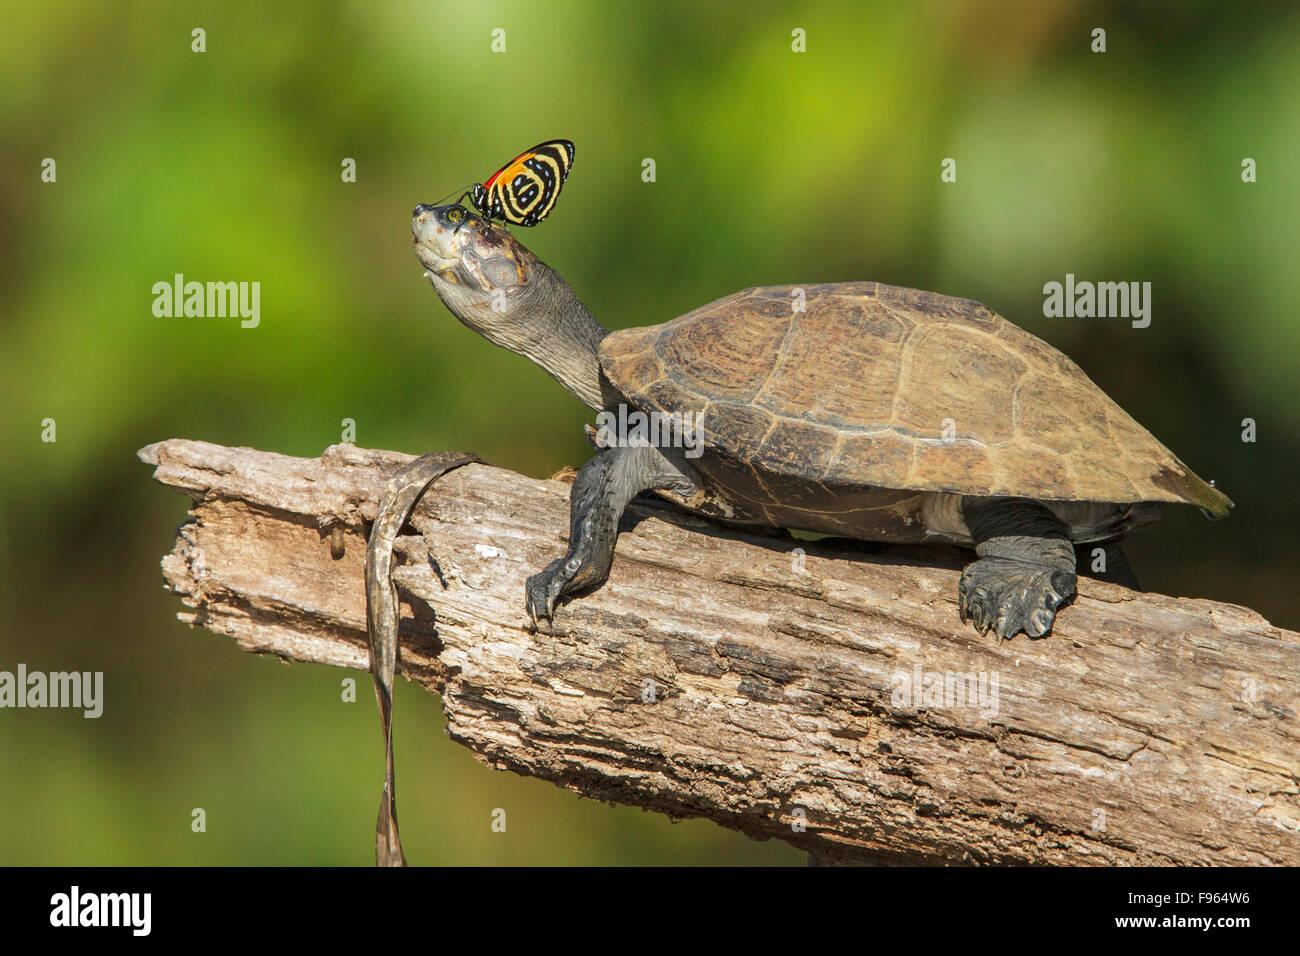 Une tortue avec un papillon sur le nez dans le parc national de Manu, Pérou. Photo Stock